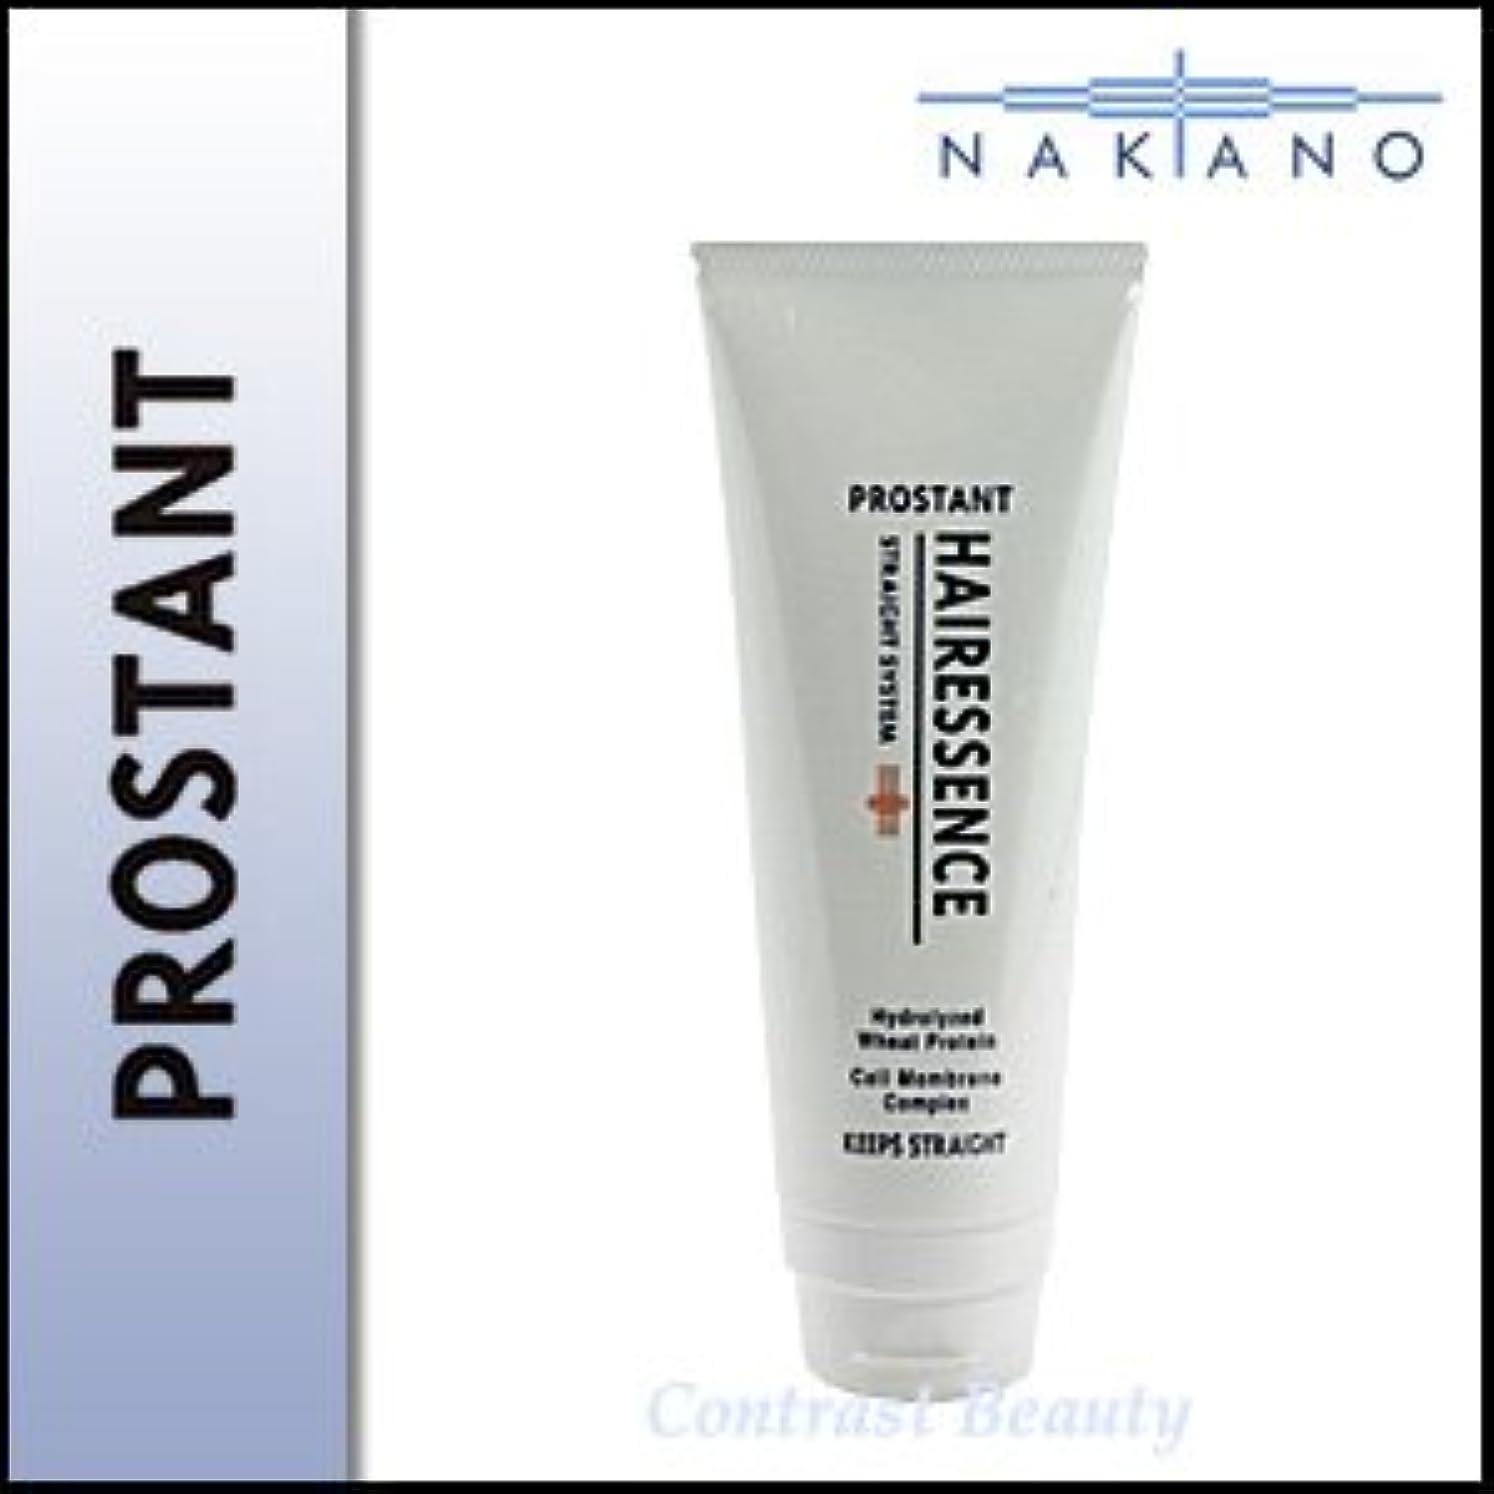 ナカノ プロスタント ヘアエッセンス 100g エッセンス(洗い流さないヘアトリートメント)